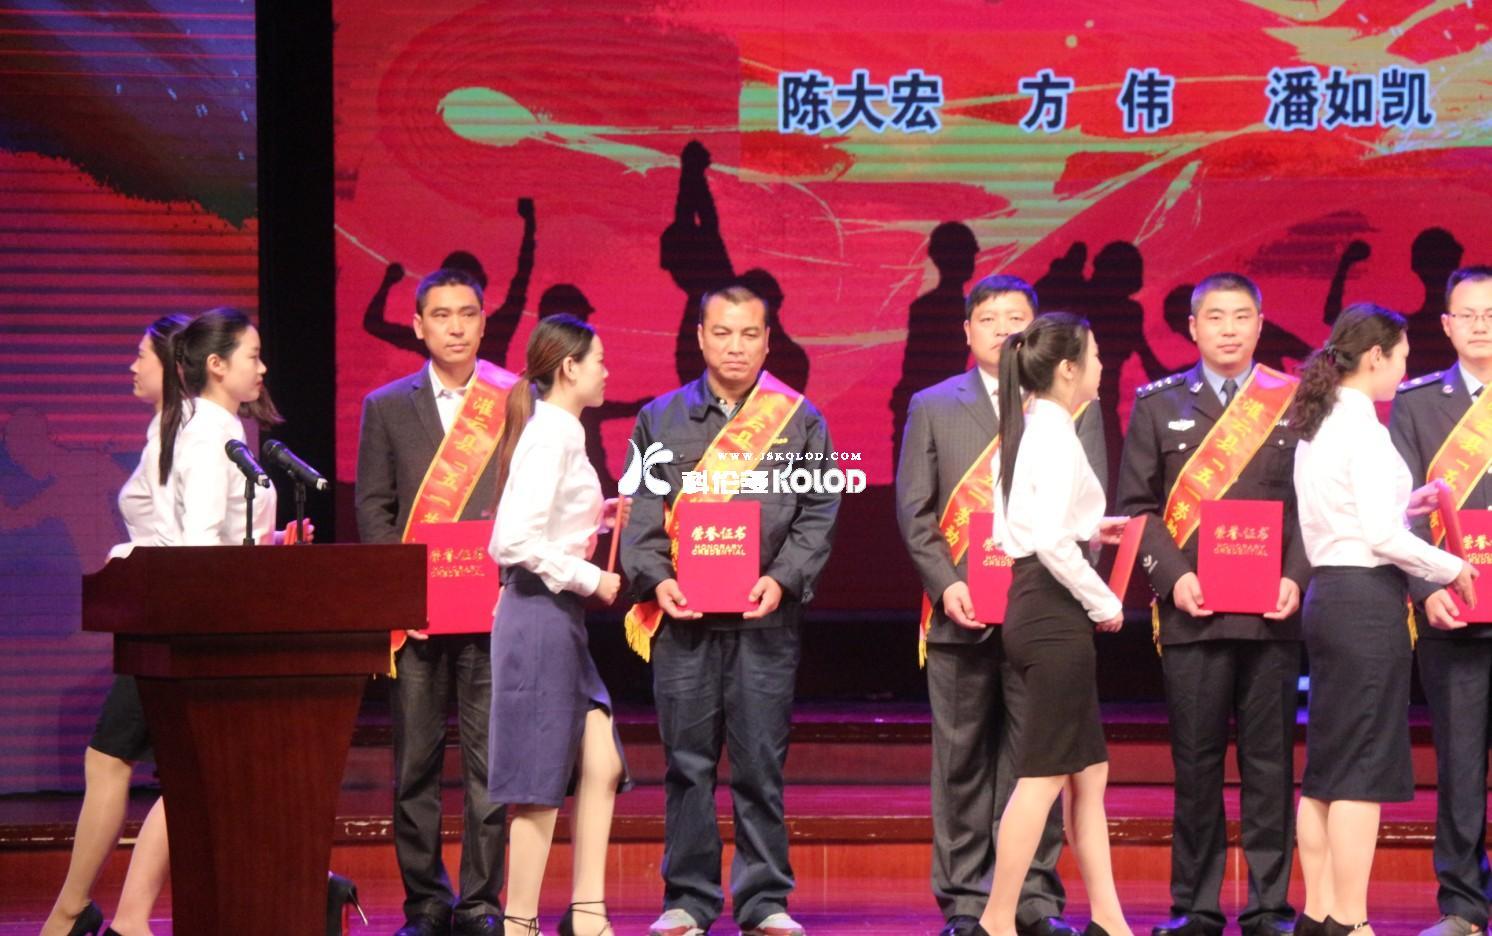 灌云县在县影剧院隆重举行庆祝五一劳动节大会